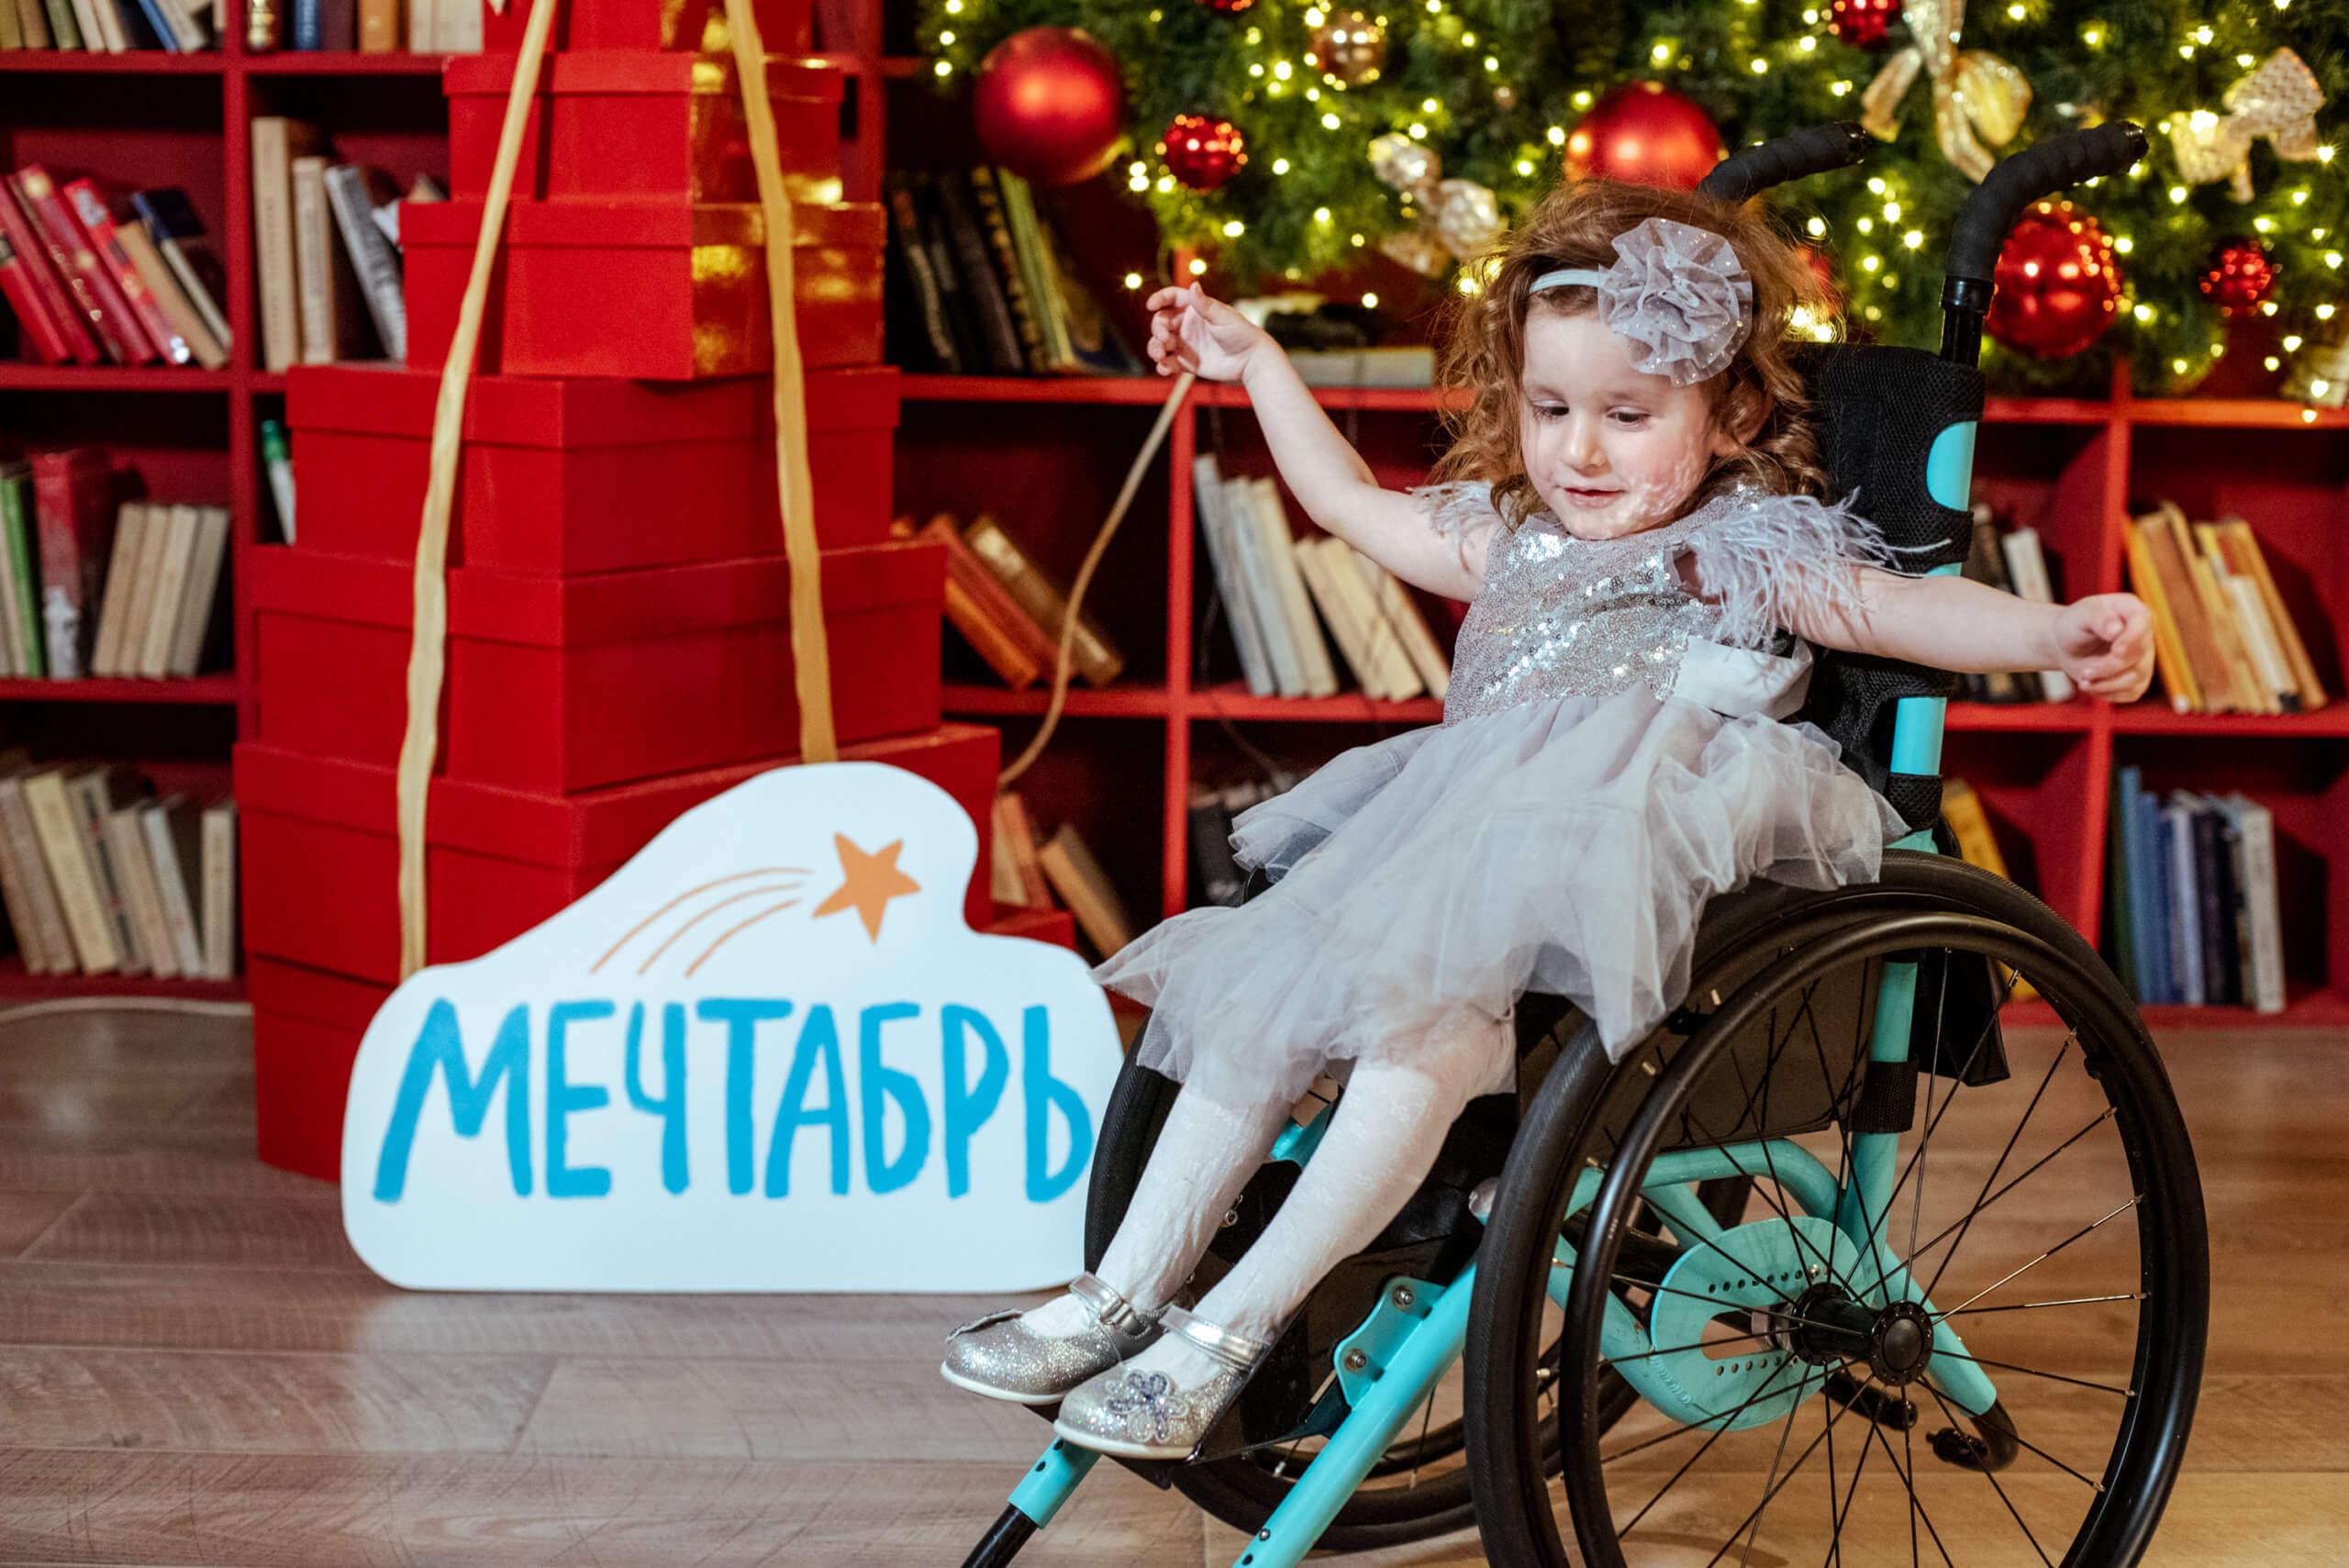 Фонд запустил новогоднюю акцию «Мечтабрь»